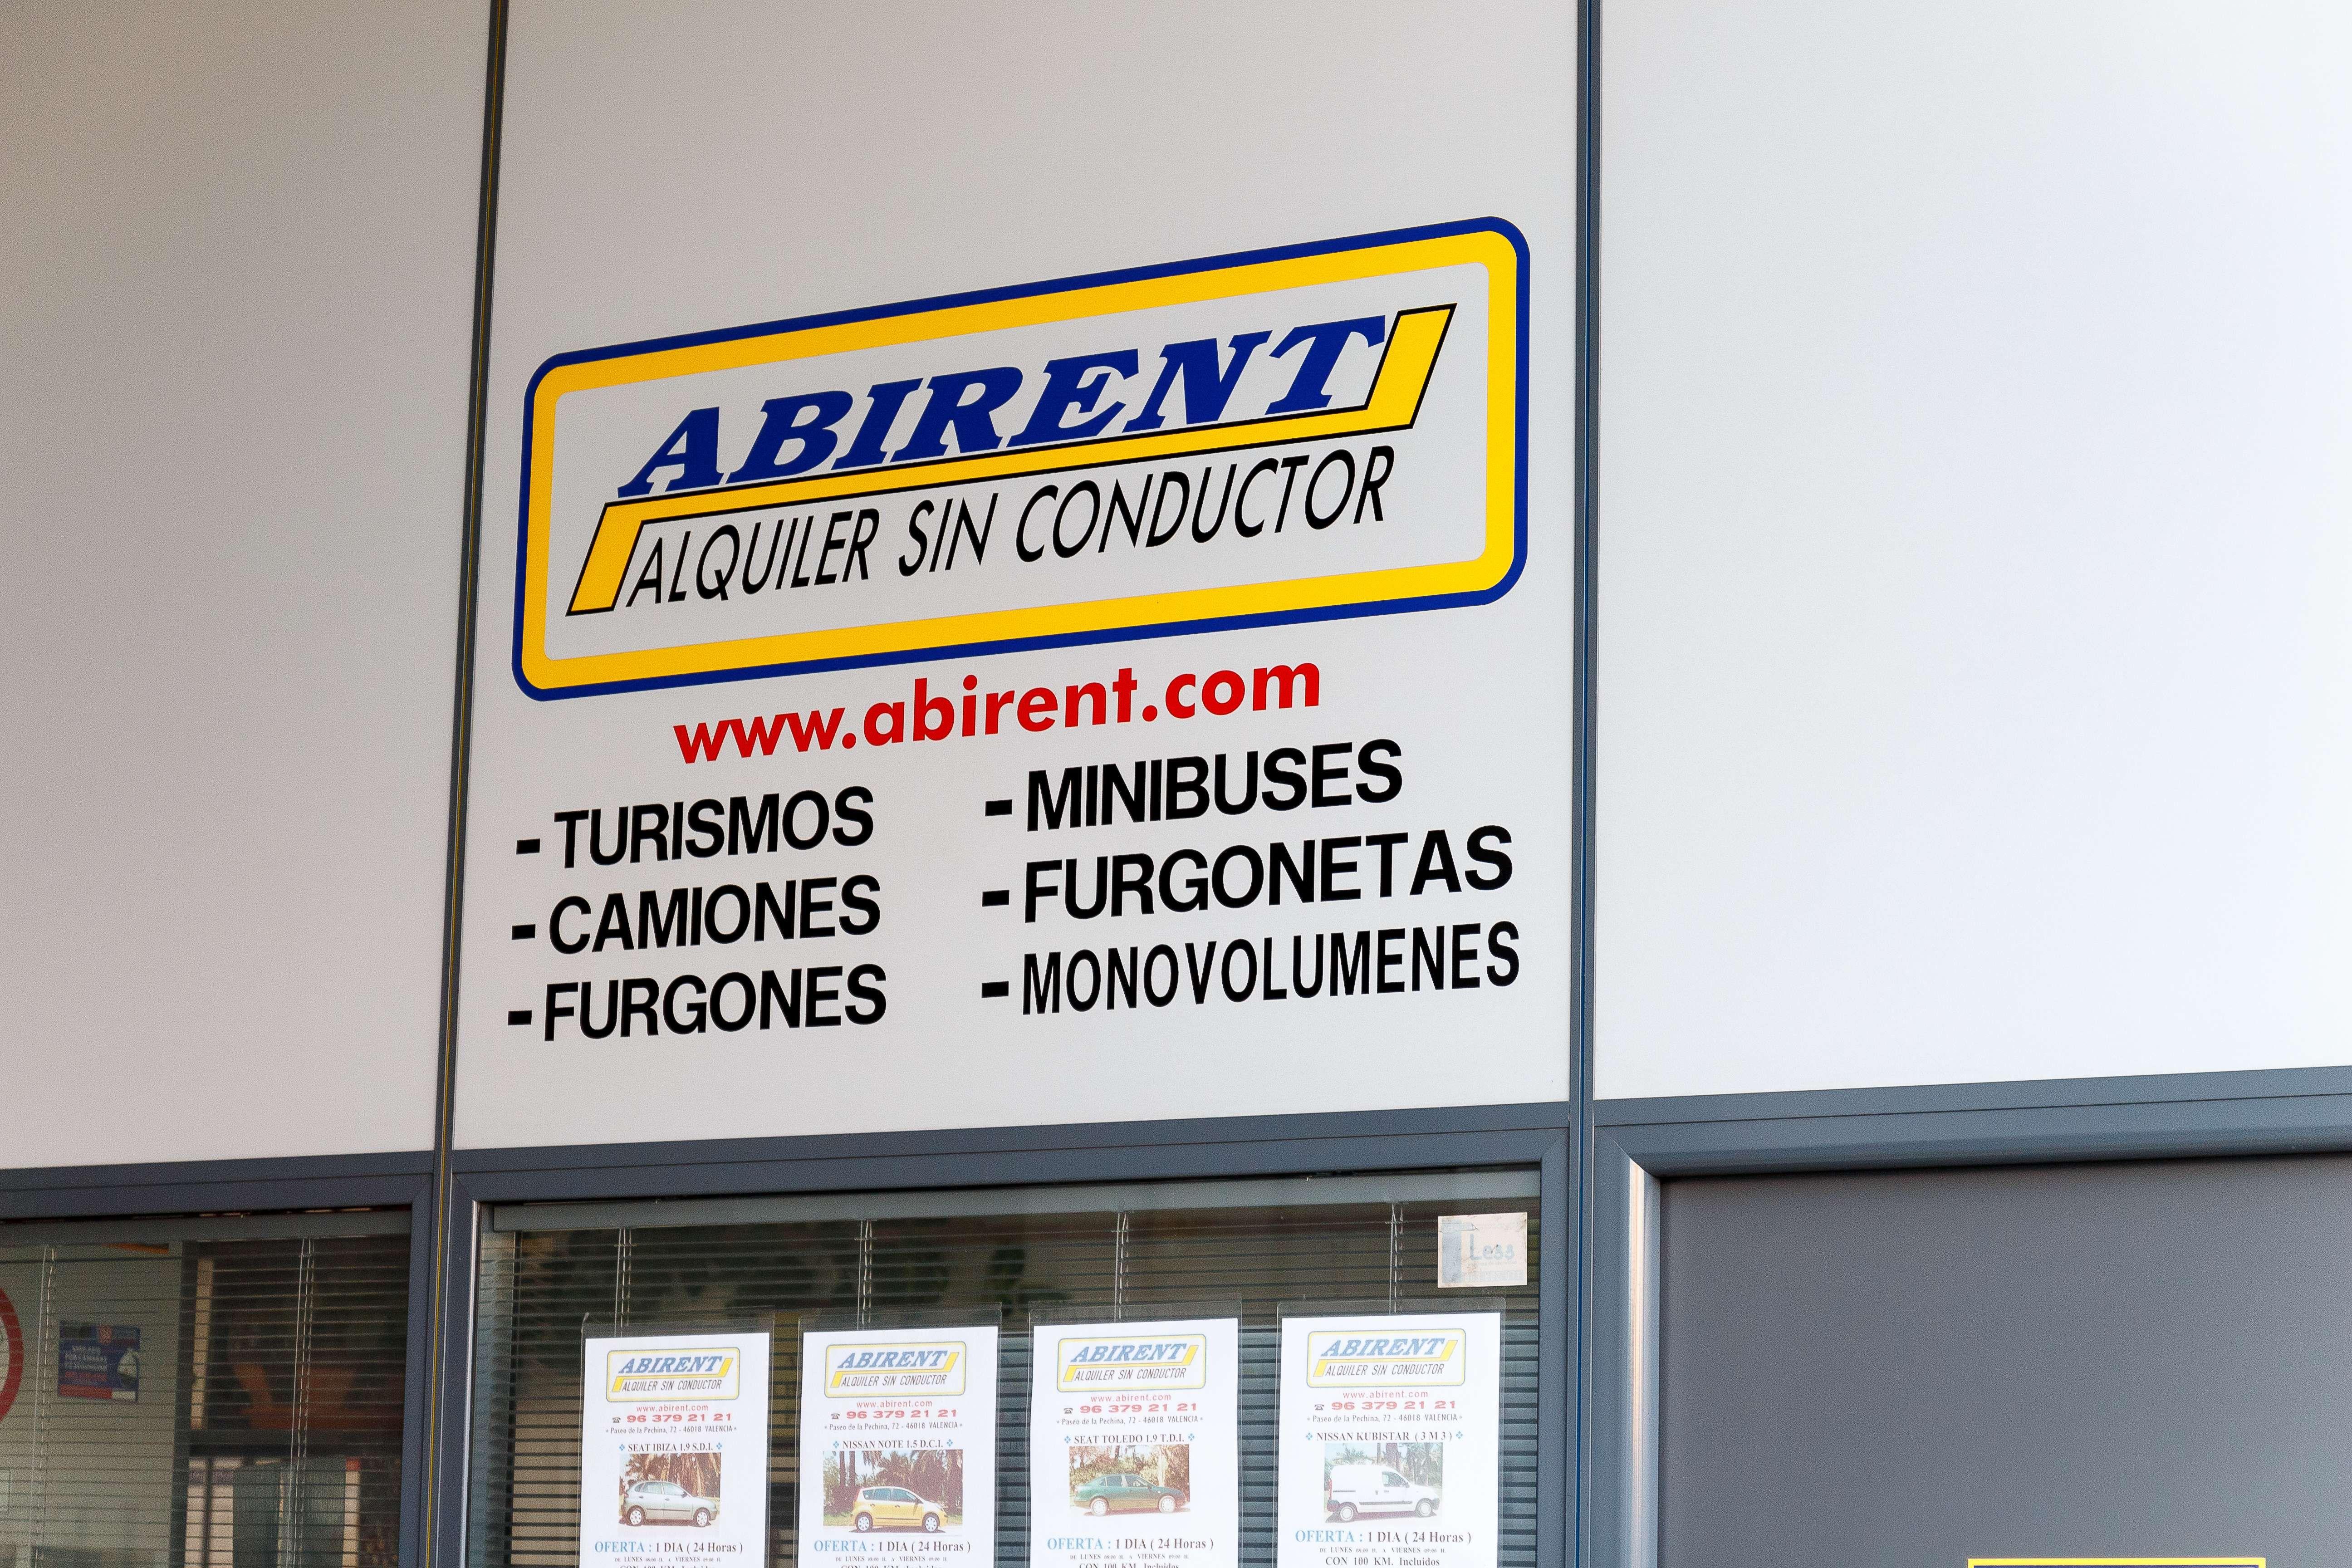 Alquiler de vehículos sin conductor en Valencia